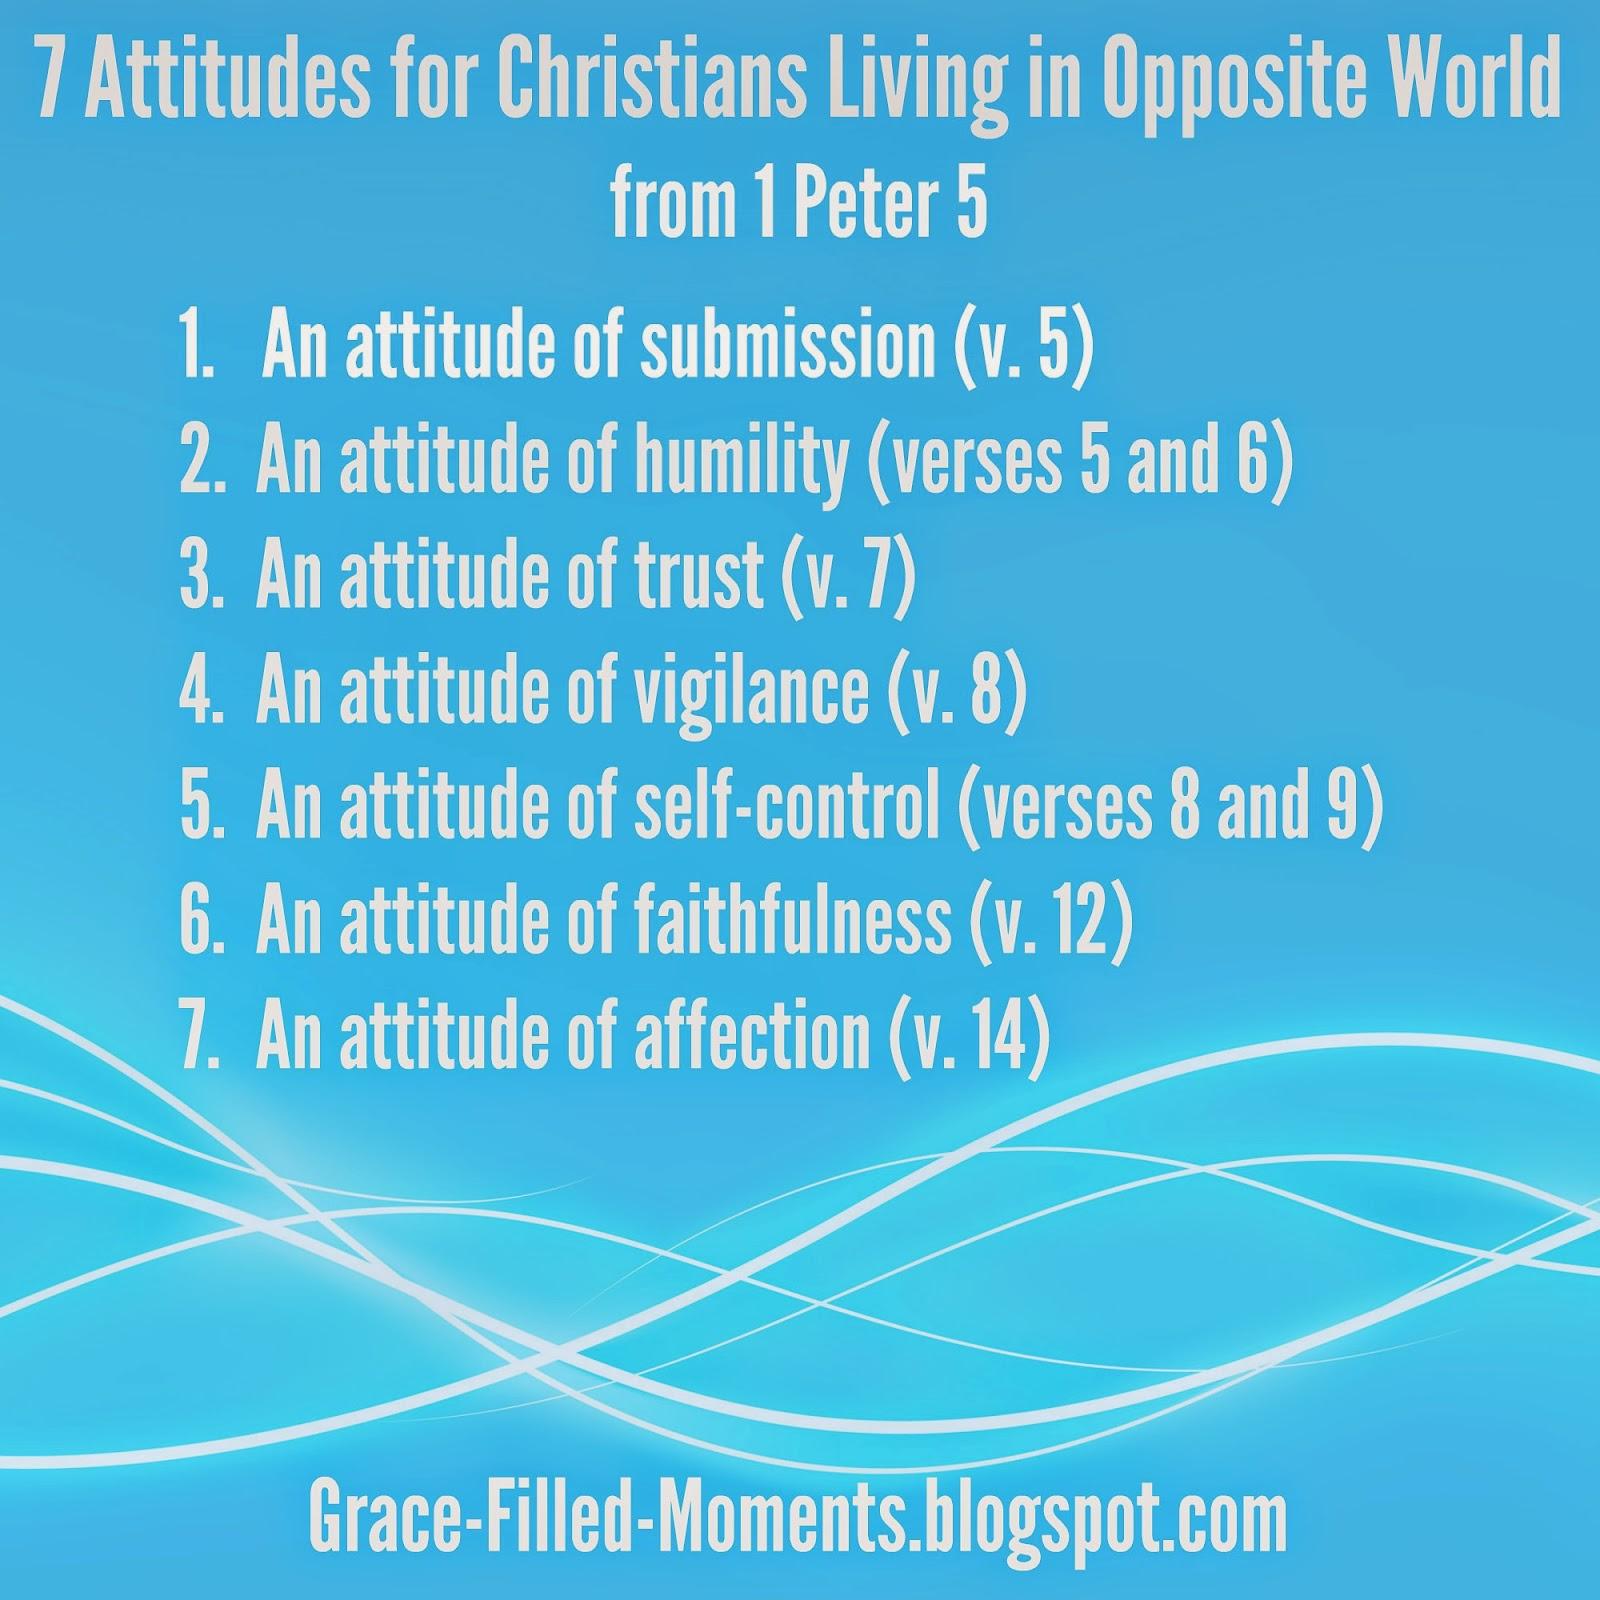 7 Attitudes for Christians Living in Opposite World